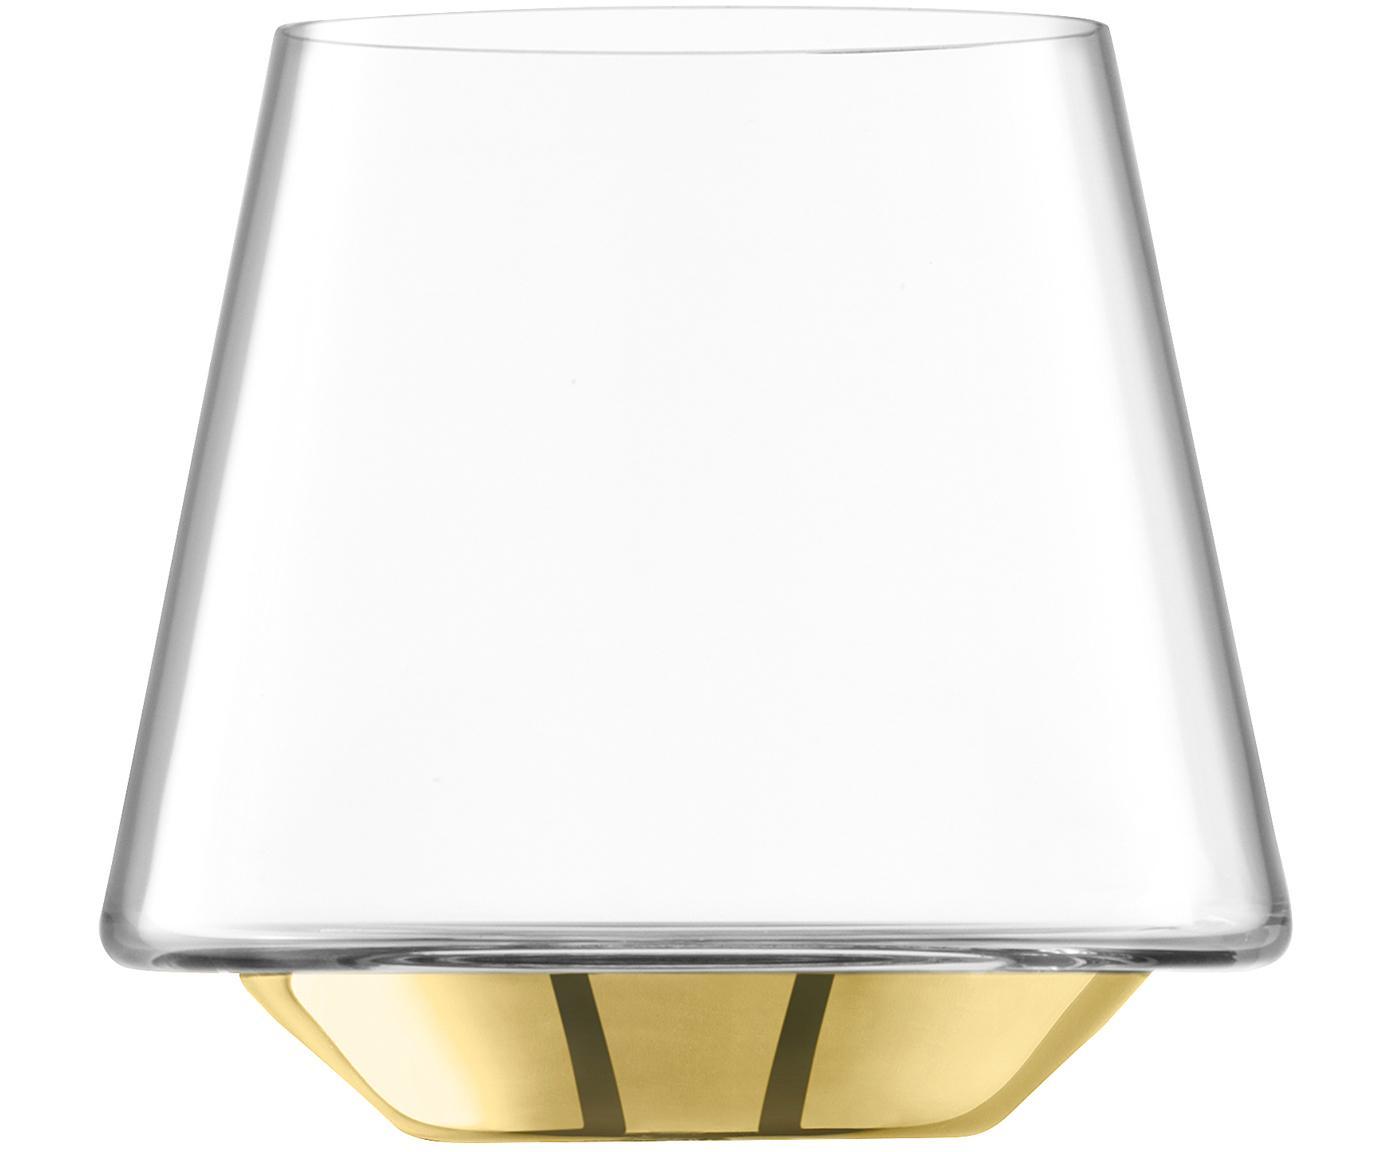 Szklanka do wody ze szkła dmuchanego Space, 2 szt., Szkło, Transparentny, odcienie złotego, Ø 10 x W 9 cm